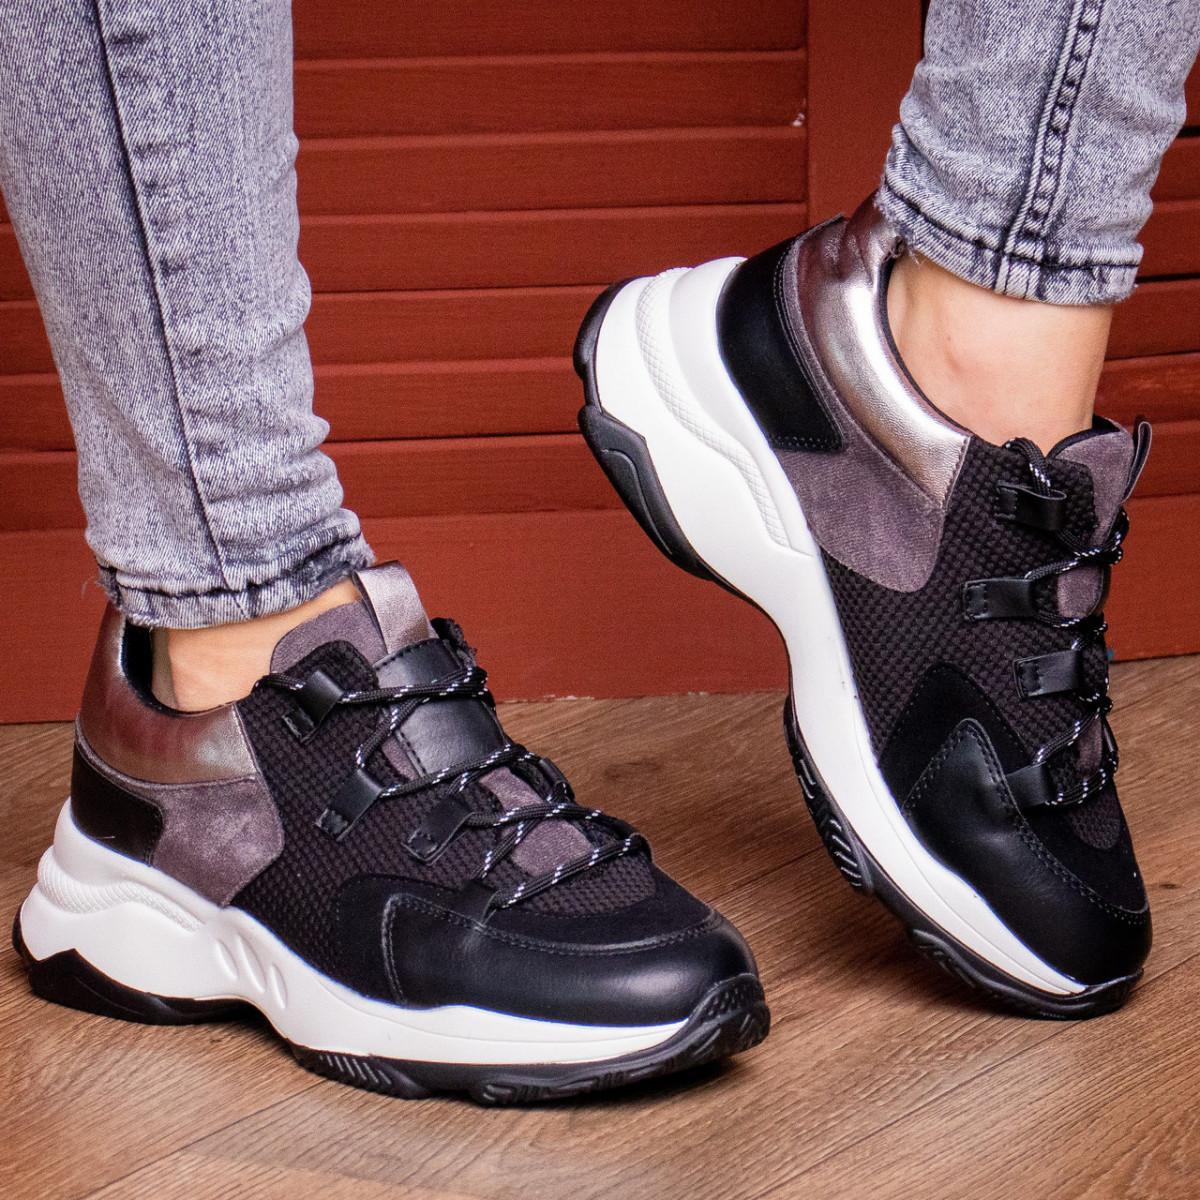 Жіночі кросівки Fashion Bruiser 1659 36 розмір 23 см Чорний